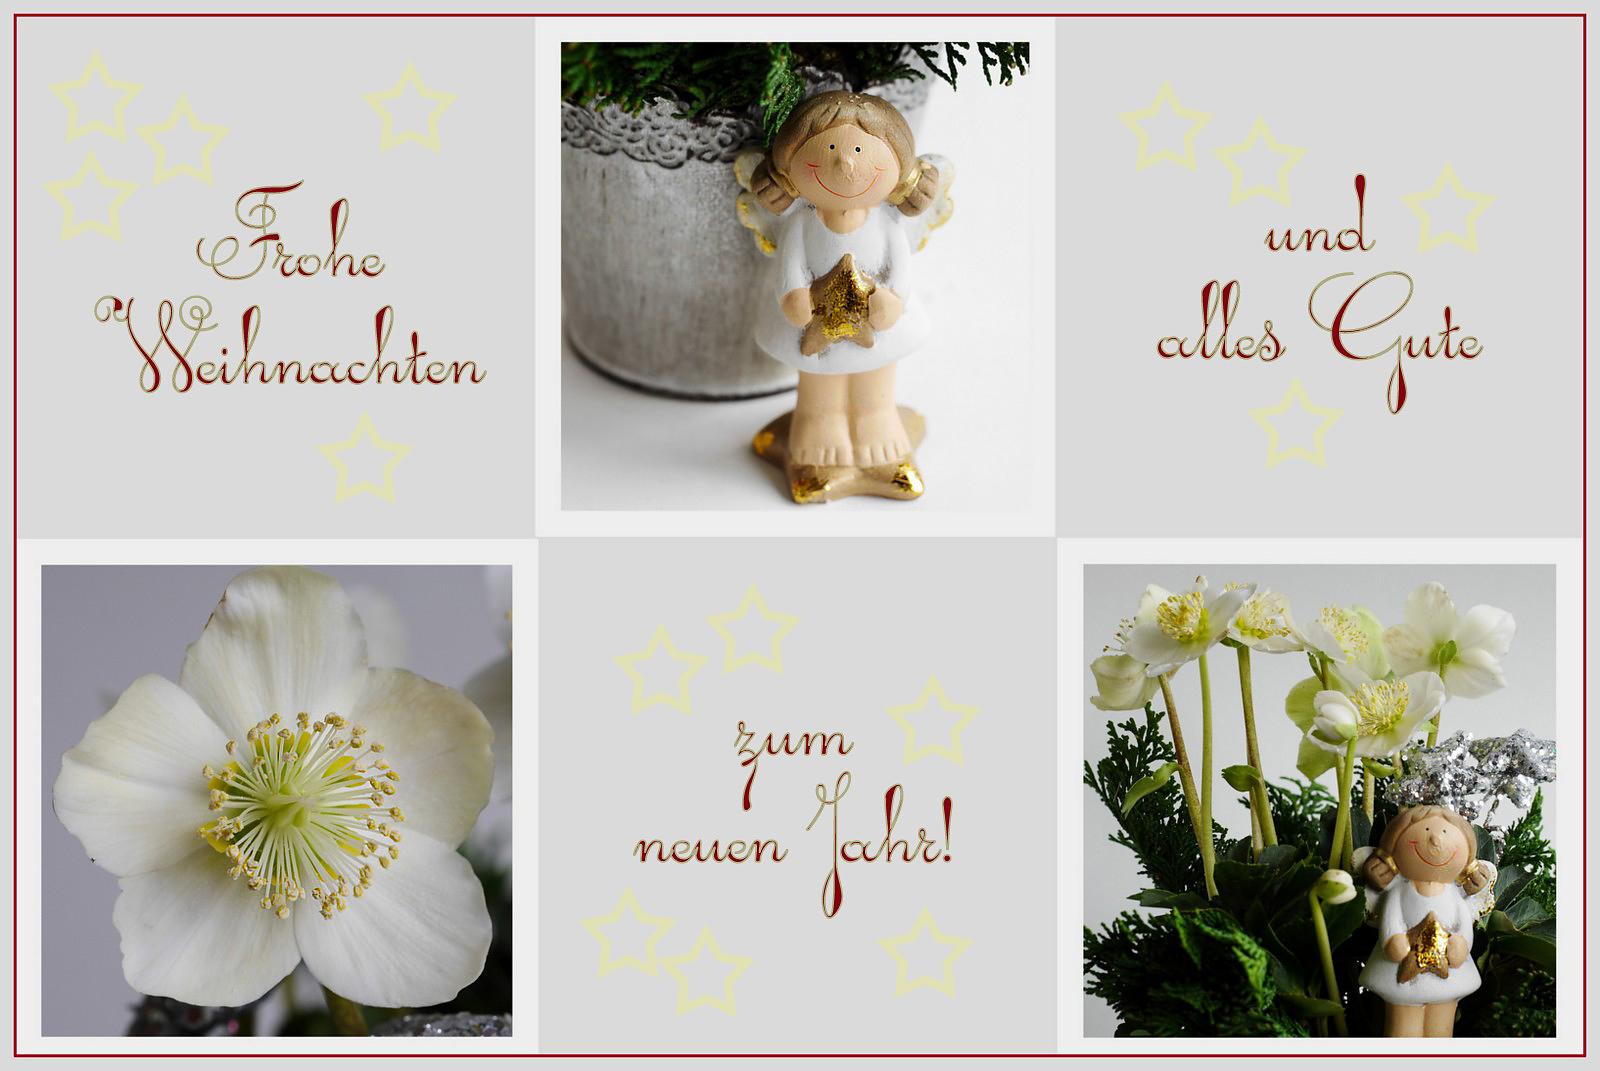 Frohe Weihnachten Und Alles Gute Im Neuen Jahr.Frohe Weihnachten Und Alles Gute Zum Neuen Jahr Foto Bild